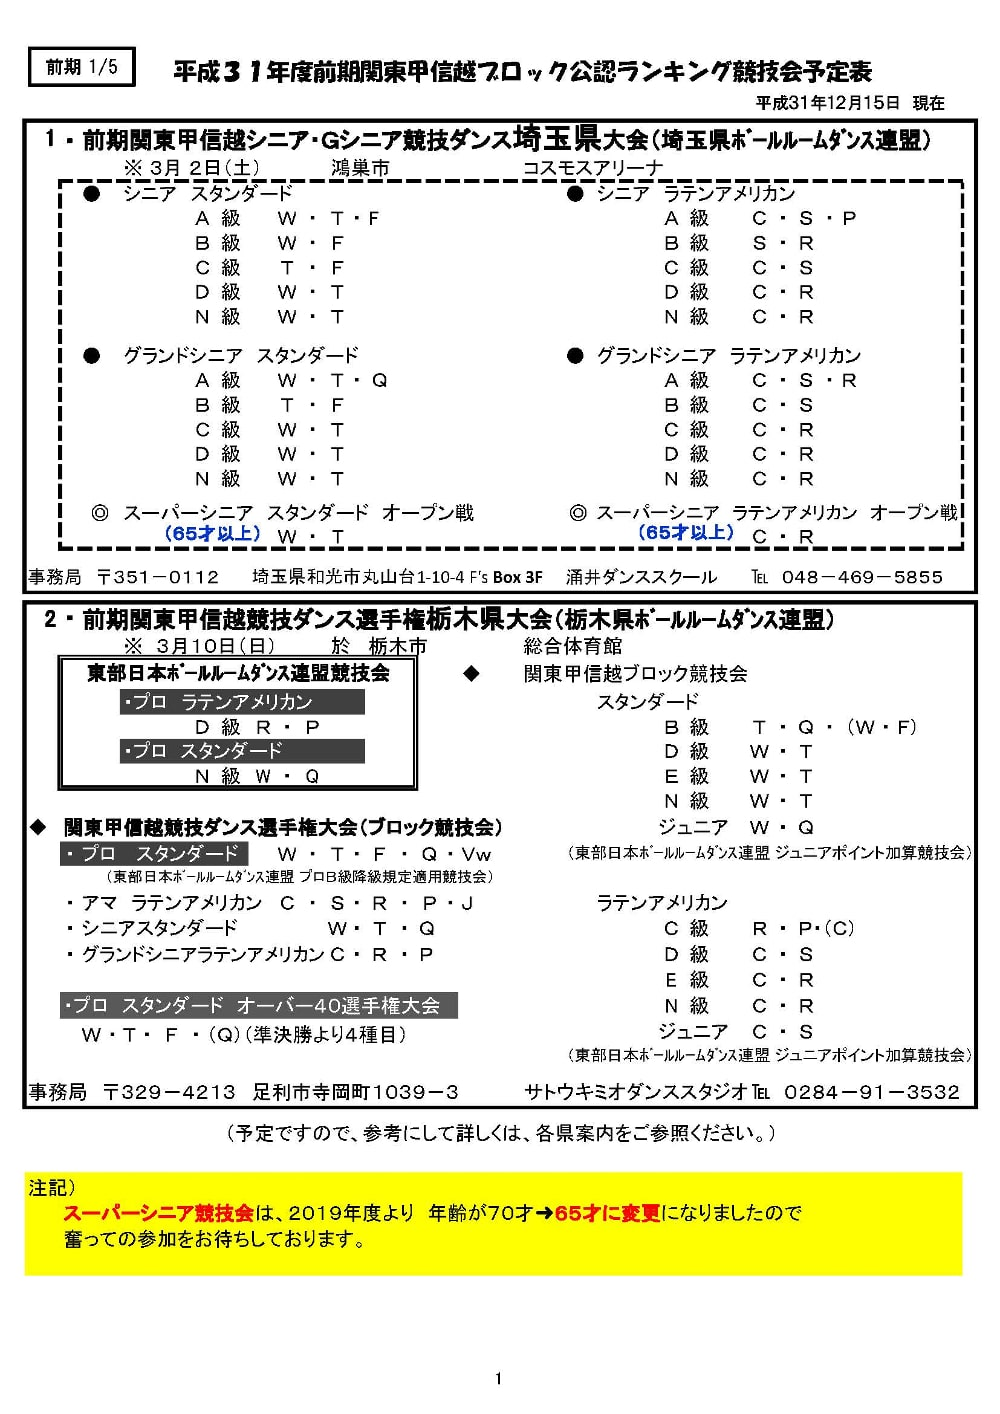 2019-schedule-first_2